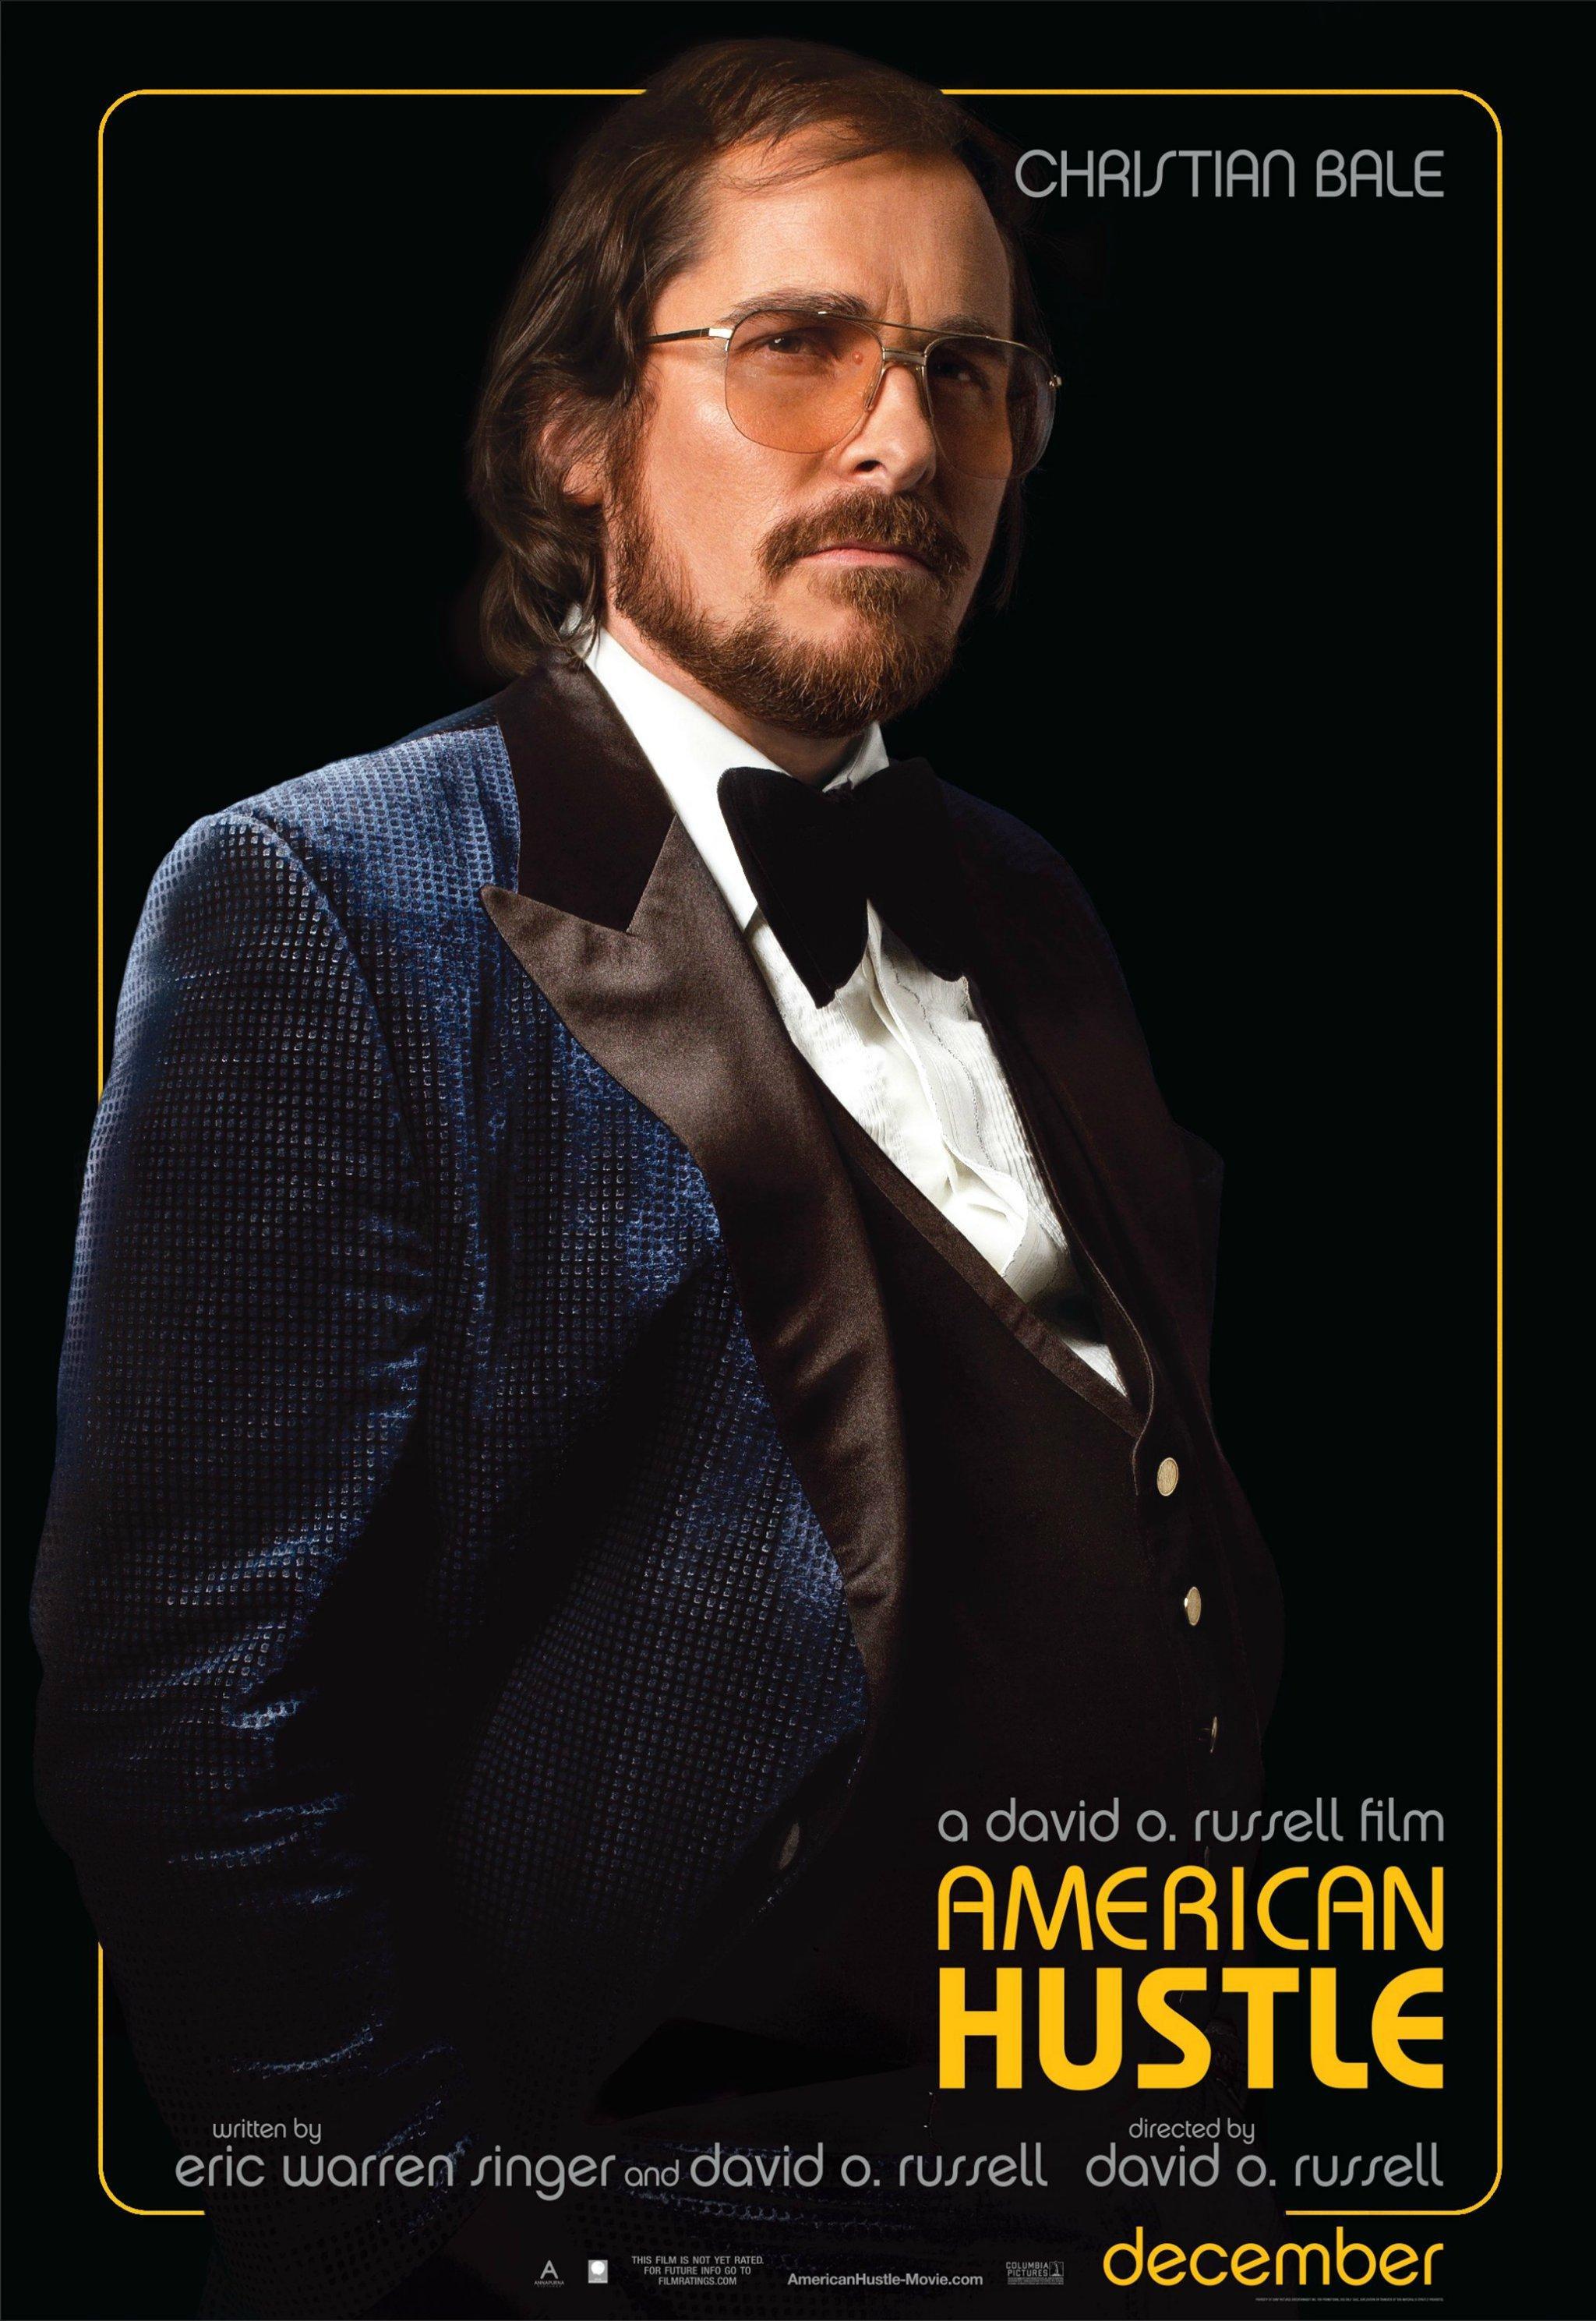 《美国骗局》(American Hustle)角色海报以及预告#2 魔鬼筋肉人贝尔秀暴肥成果